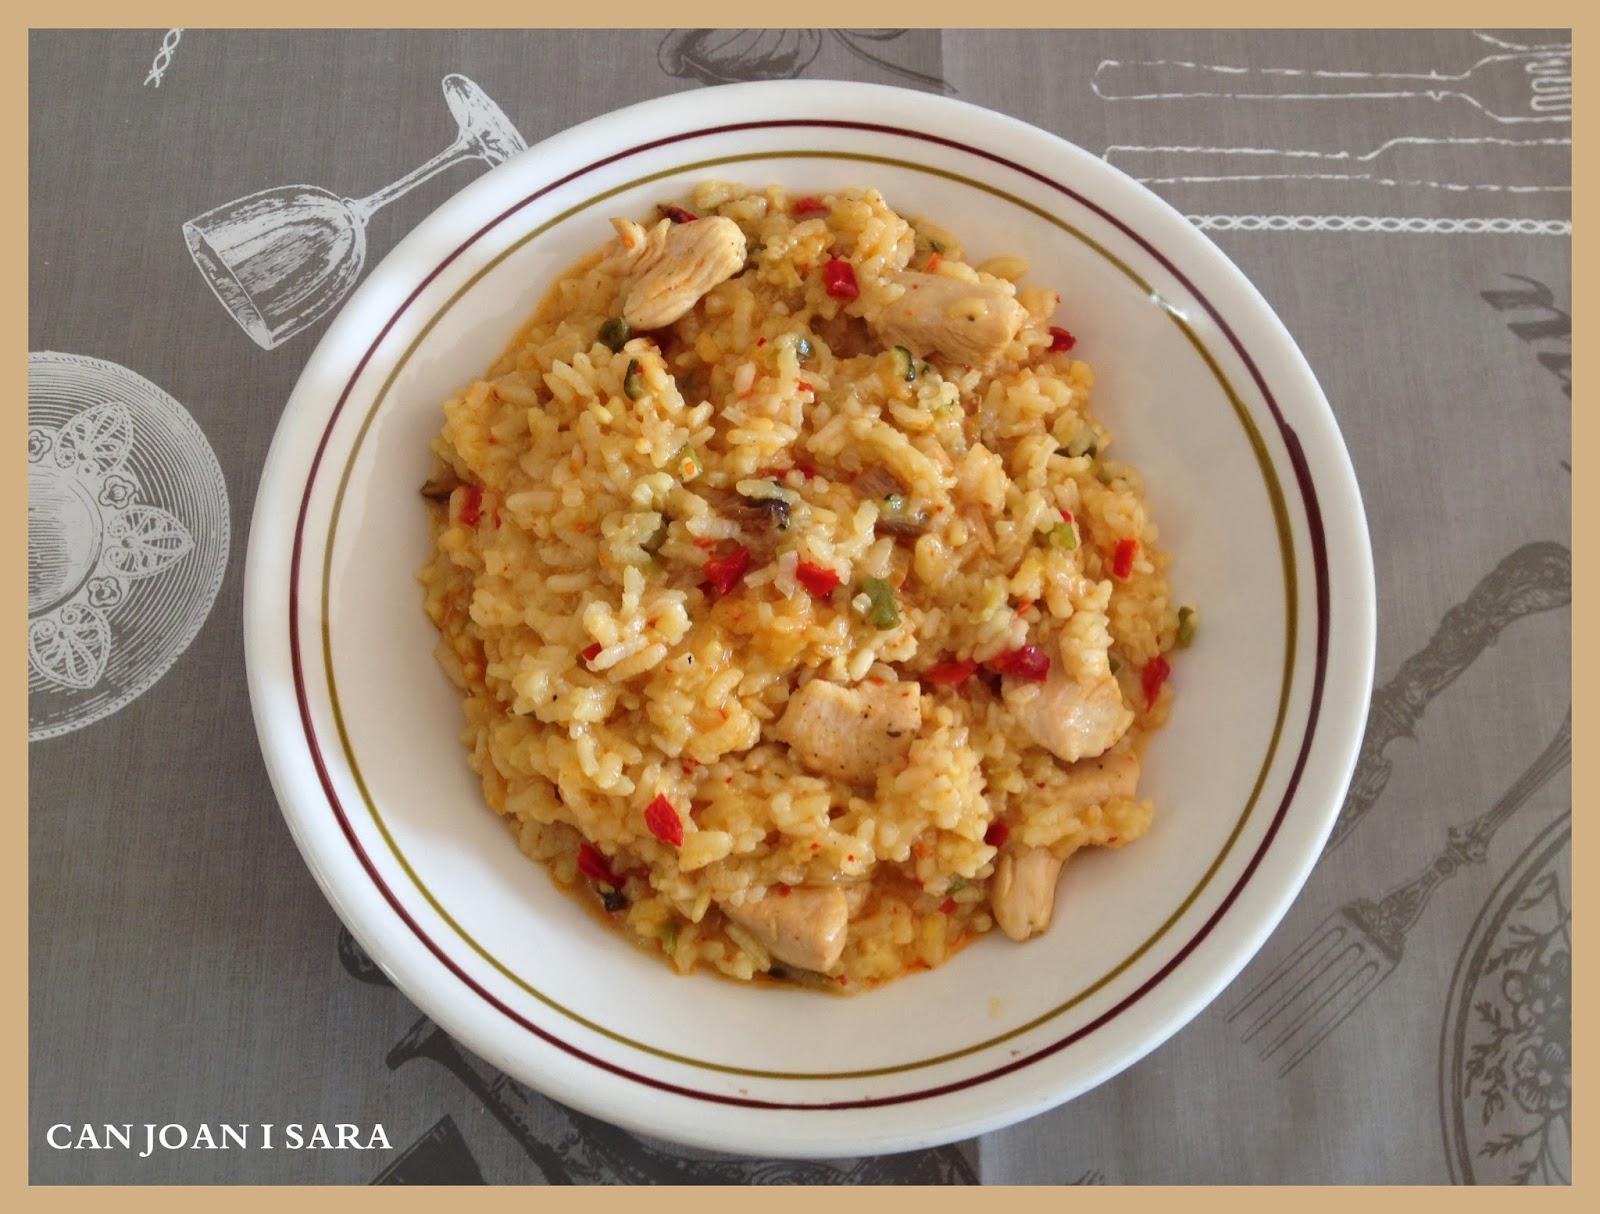 Paella de verduras deshidratadas caja degustabox enero 14 recetas de cocina - Cocina con sara paella ...